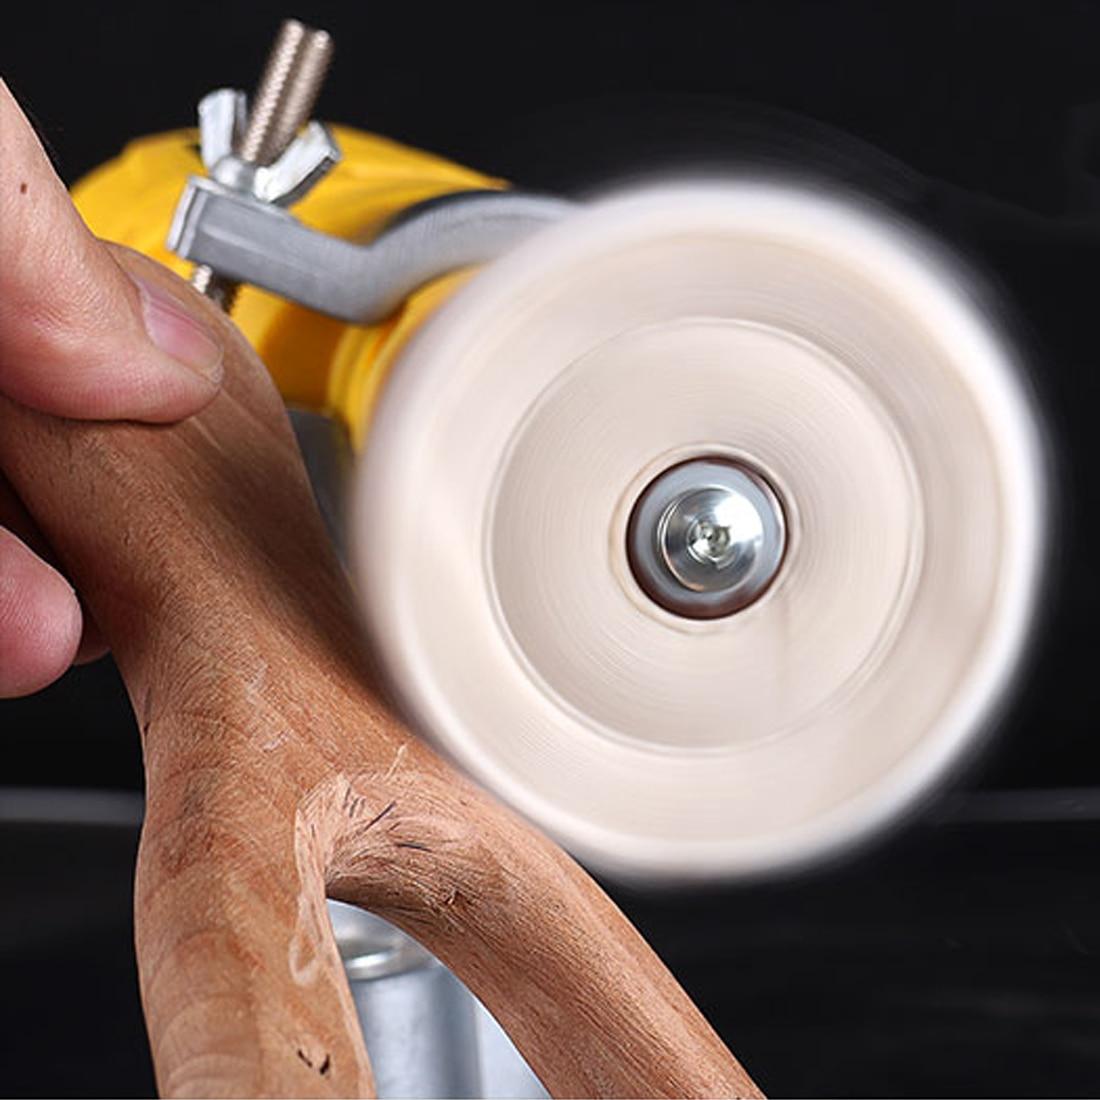 2-12 pouces roues polissage roue de polissage coton peluche tissu roue de polissage or argent bijoux miroir roue de polissage